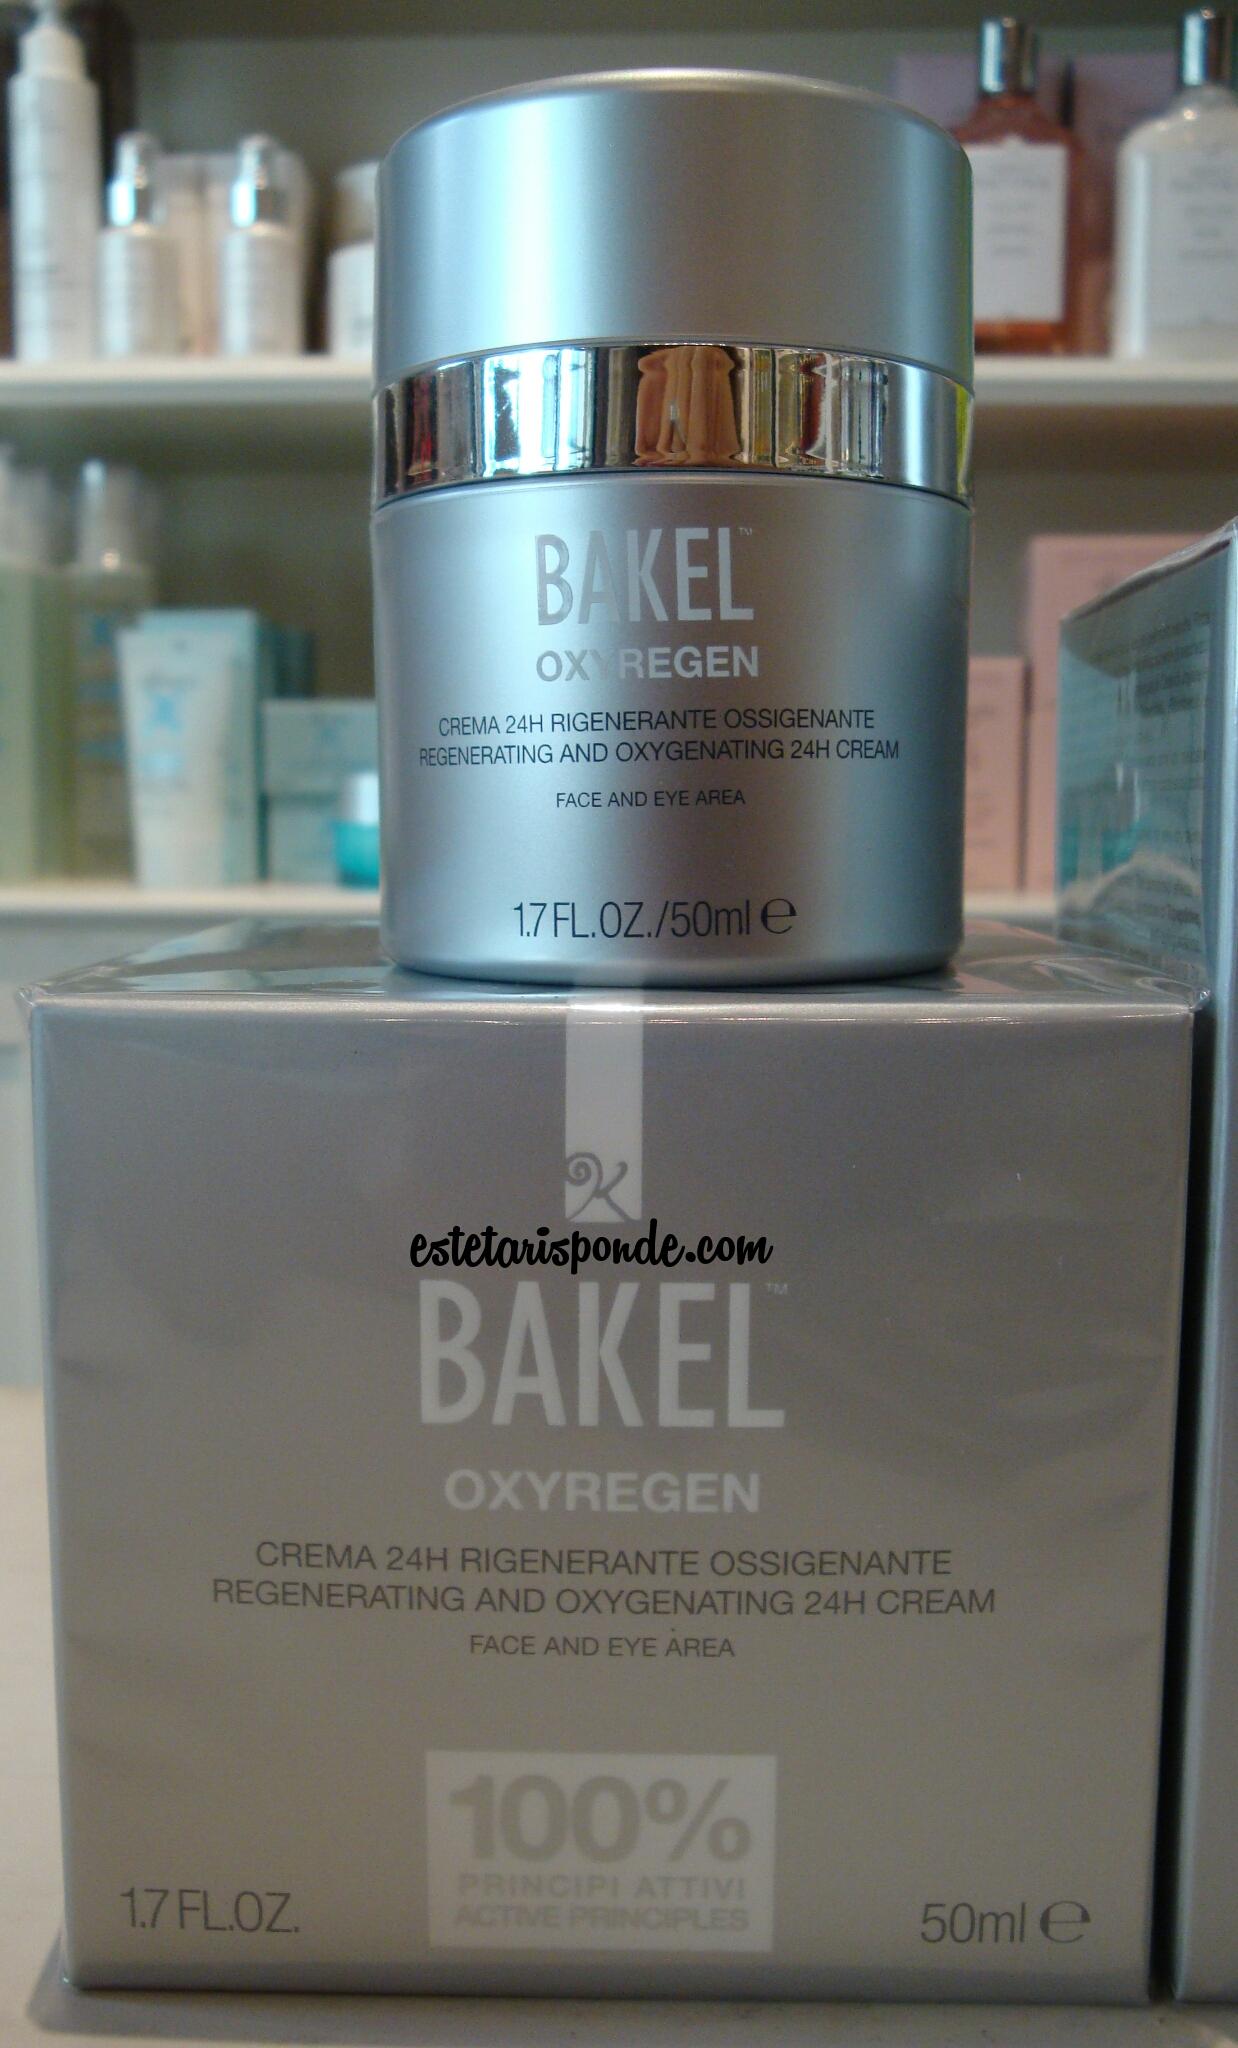 Bakel Oxyregen